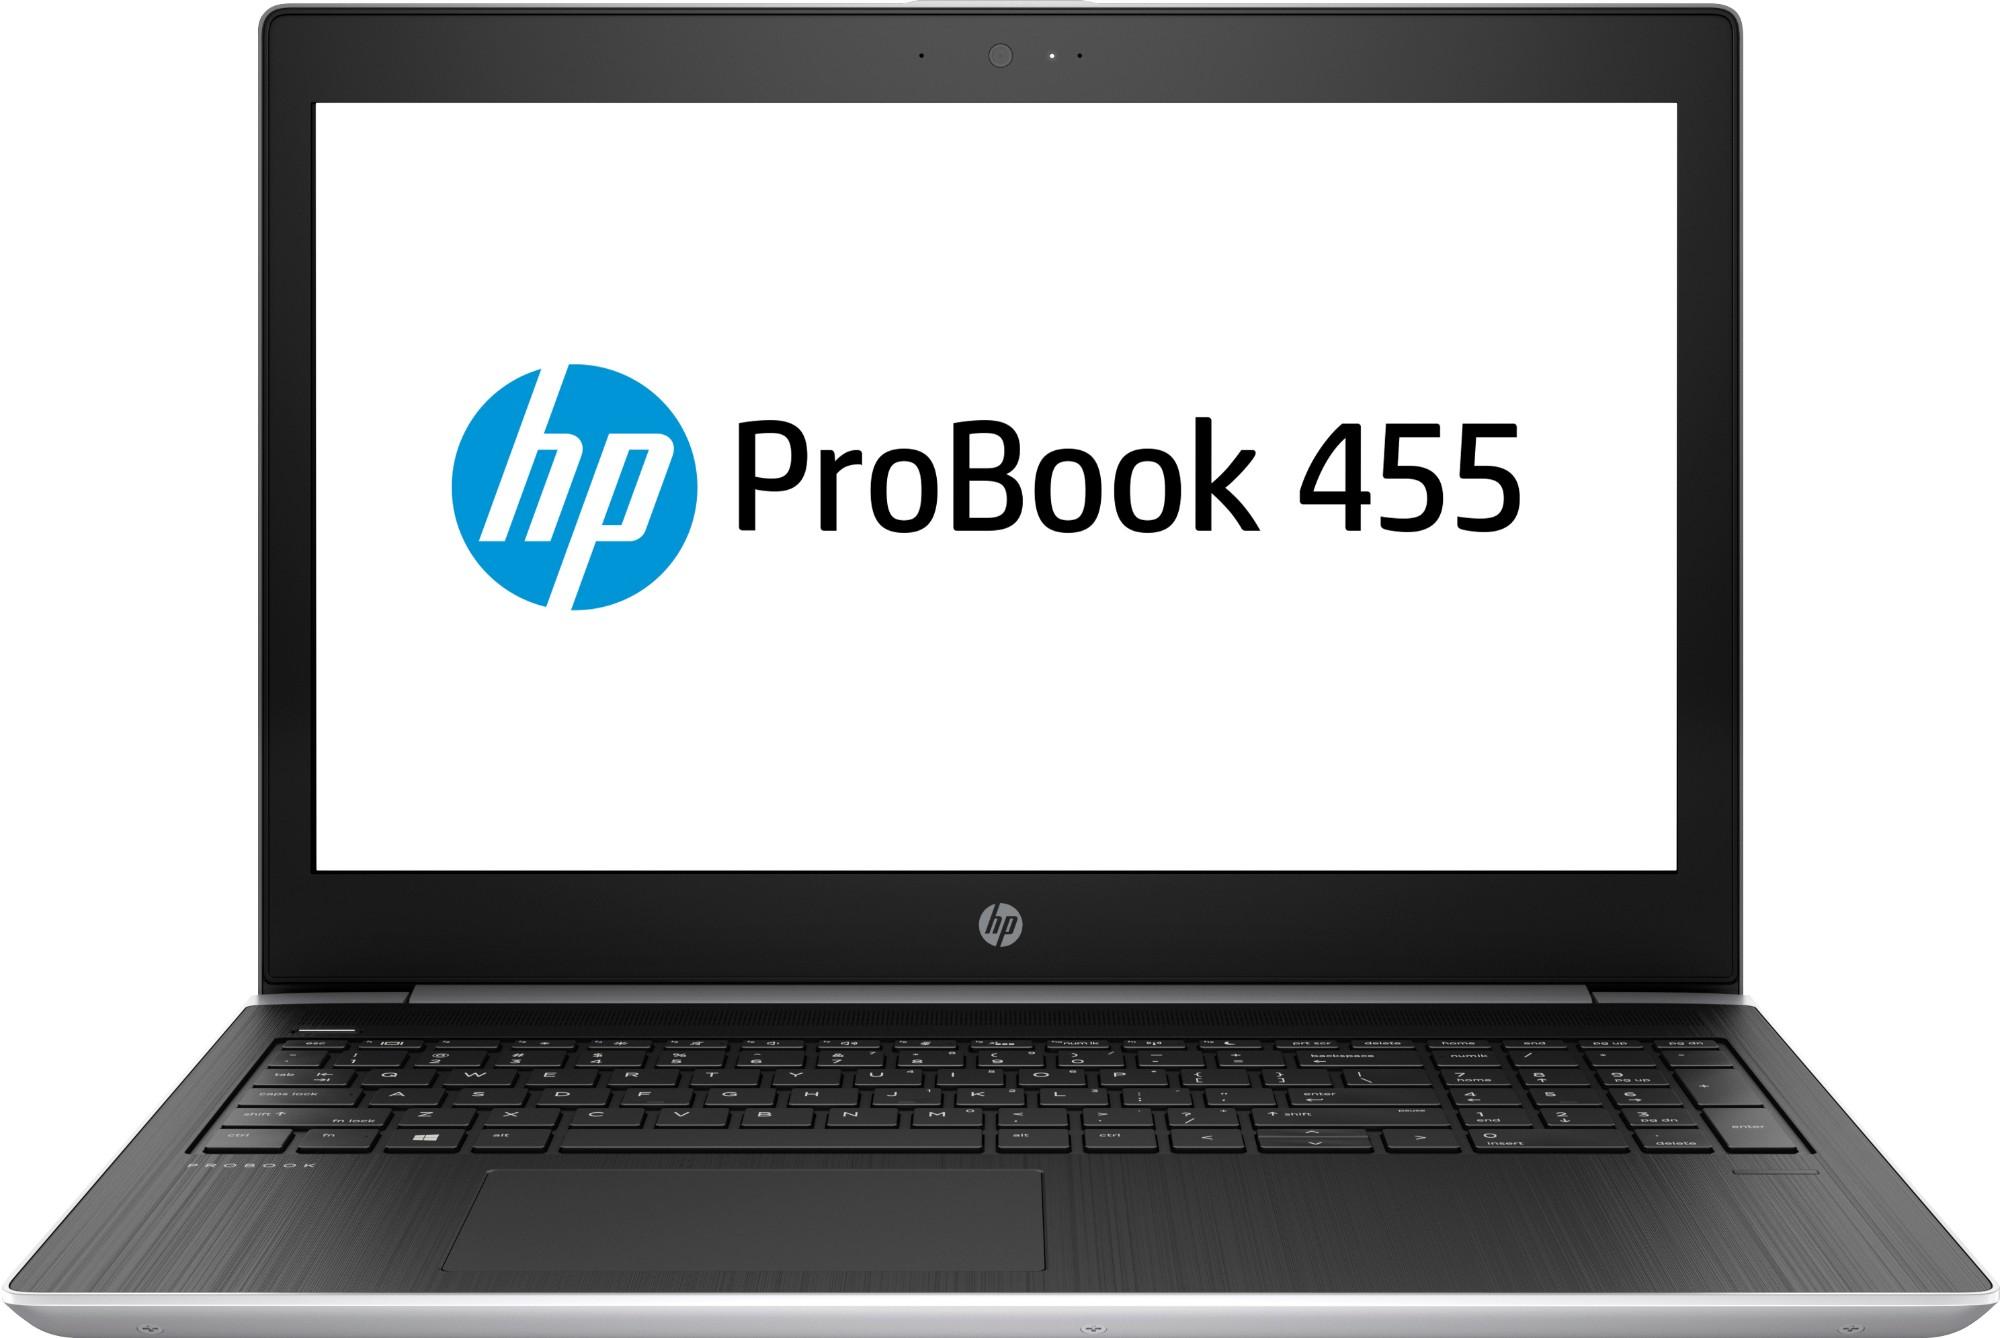 HP ProBook 455 G5 Notebook PC